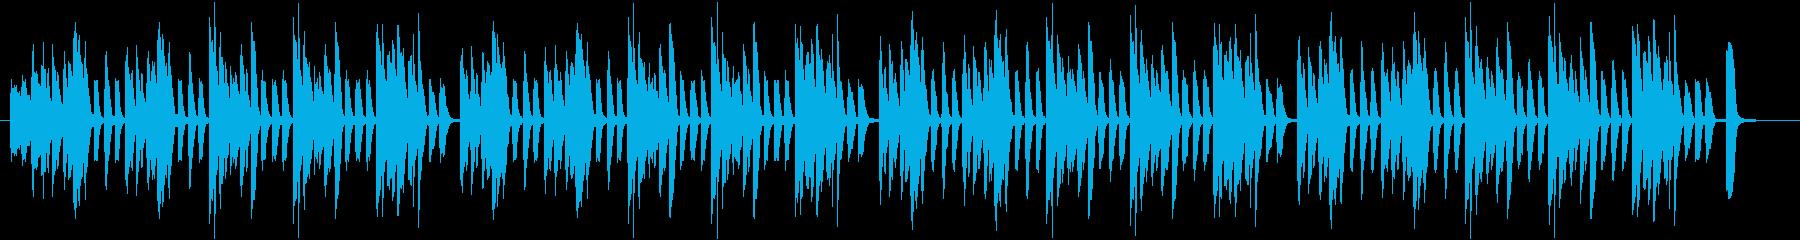 簡素で少しコミカル、使い勝手の良いBGMの再生済みの波形